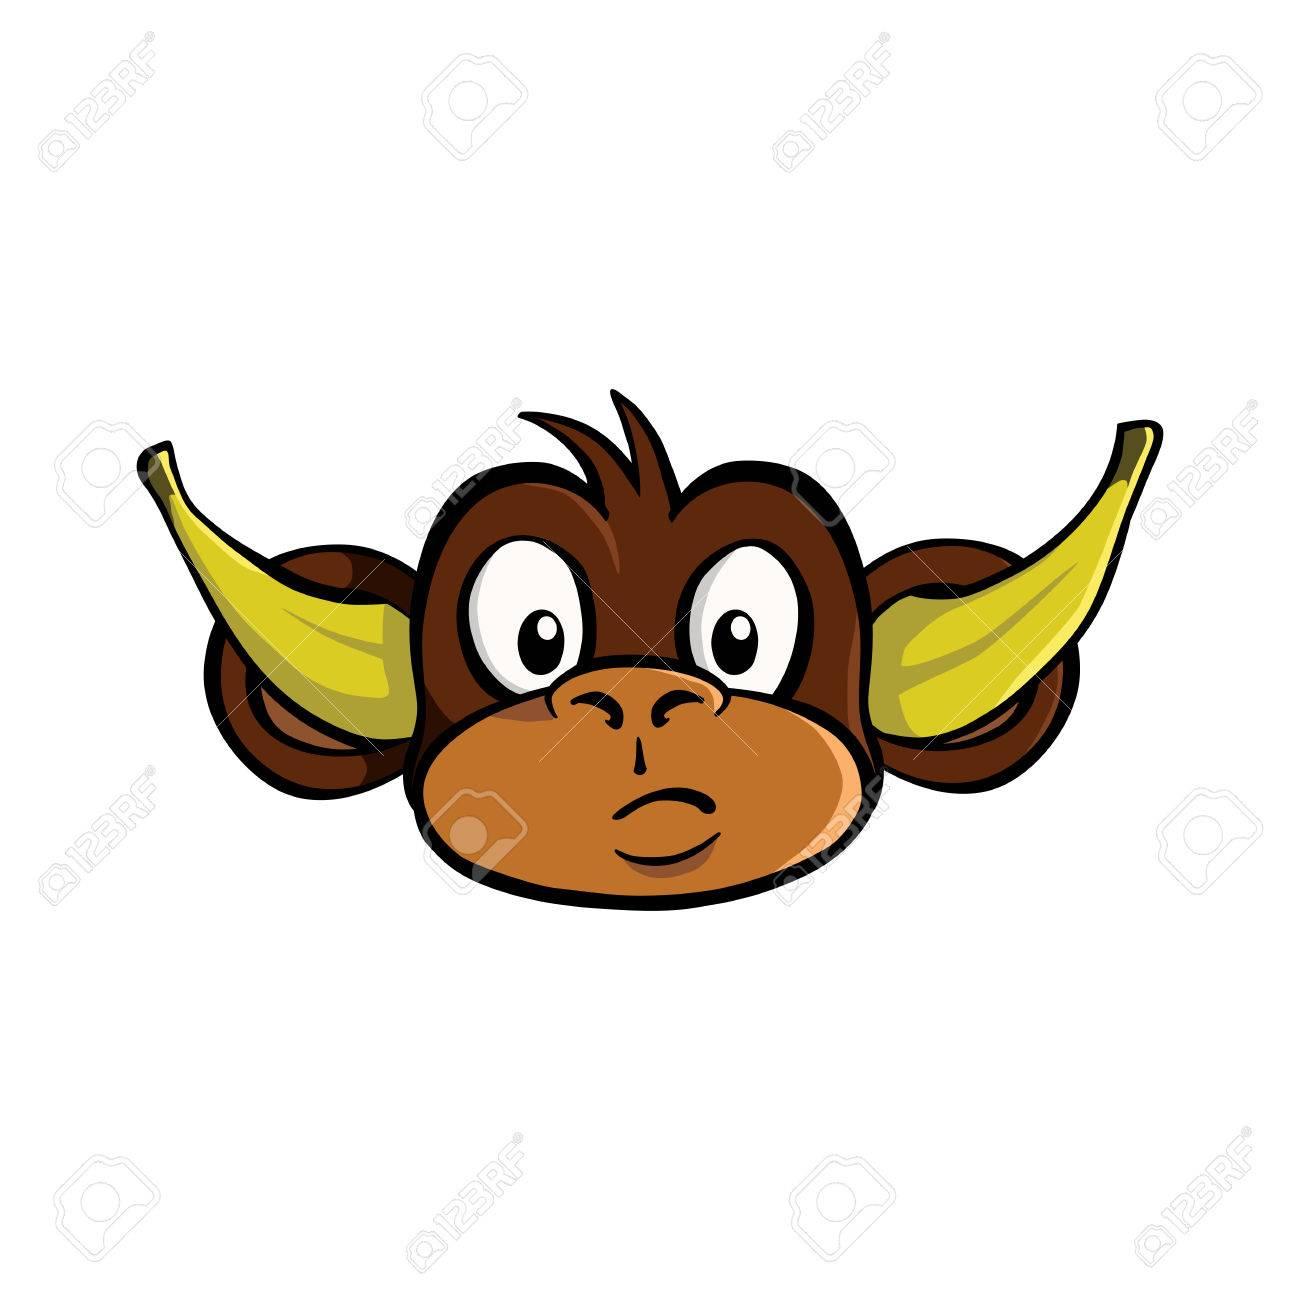 Höre Keinen Bösen Affen Mit Bananen In Seinen Ohren Lizenzfrei ...